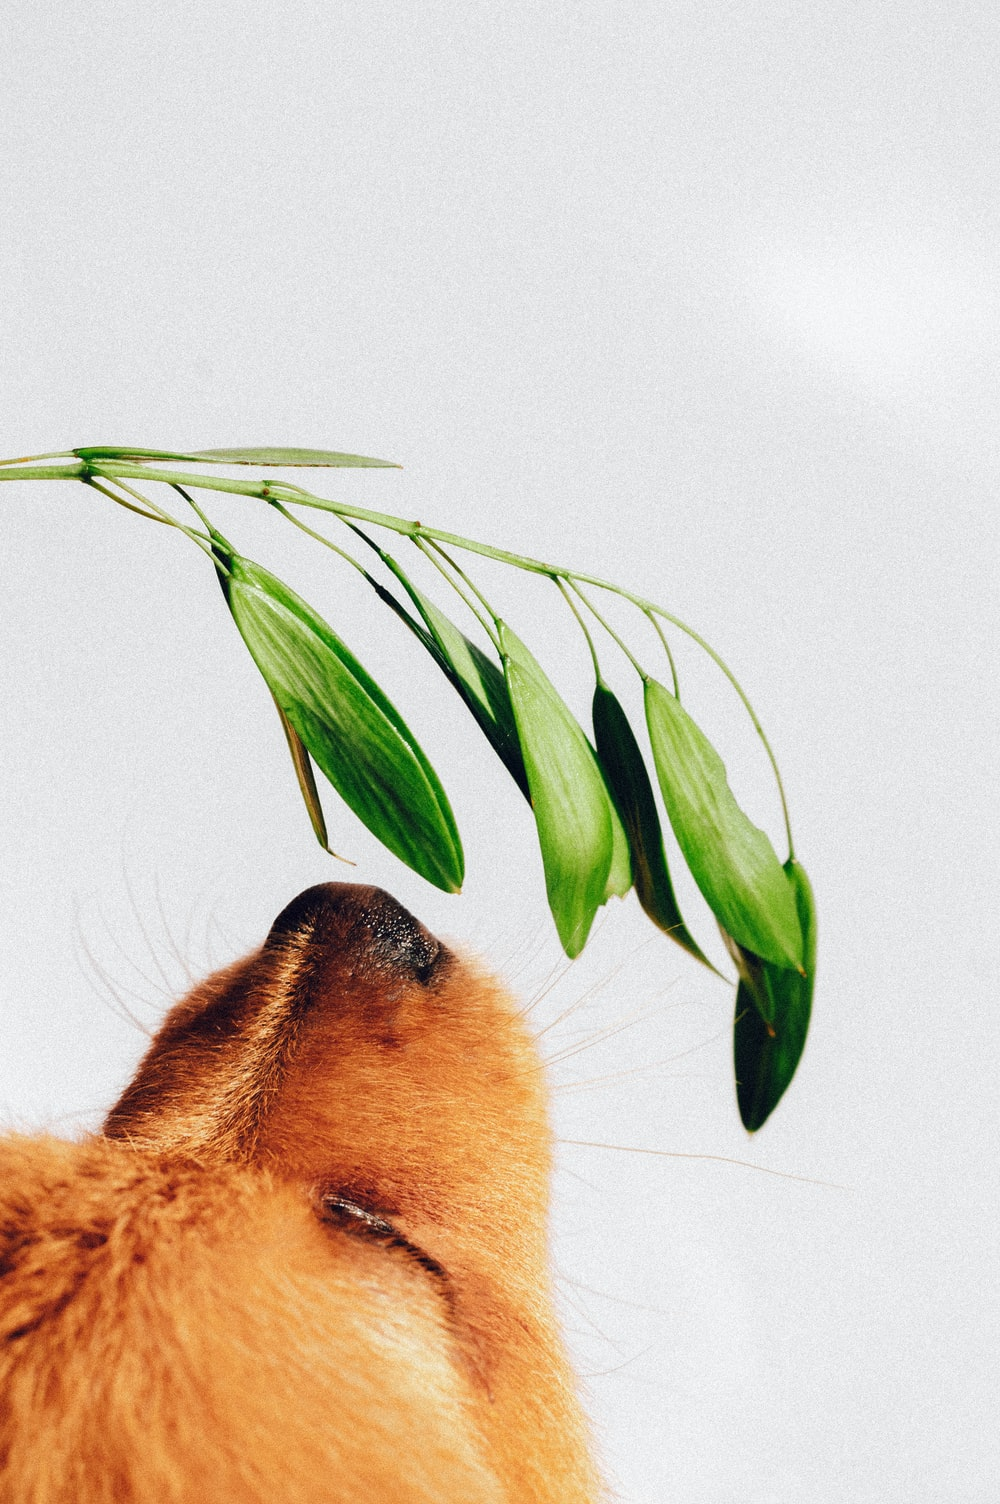 low angle photo of tan dog